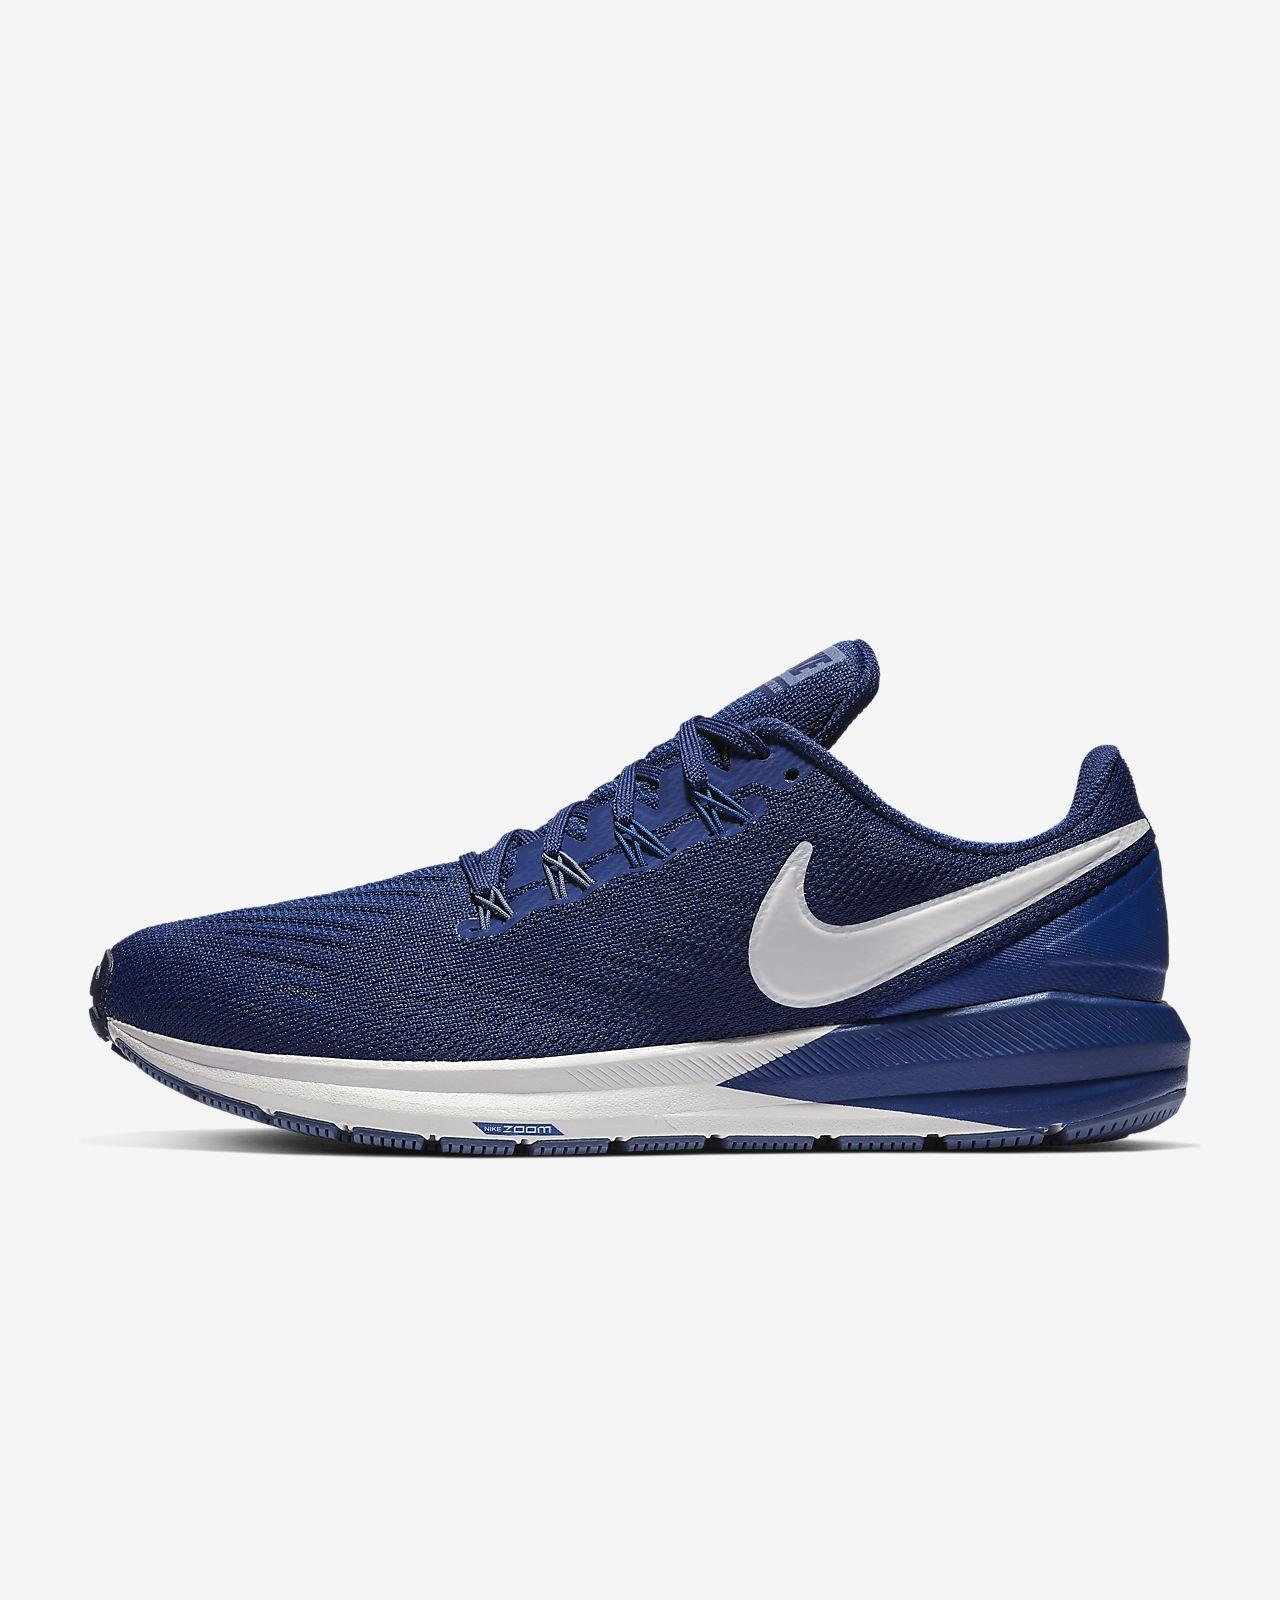 Pánská běžecká bota Nike Air Zoom Structure 22 (úzké provedení)